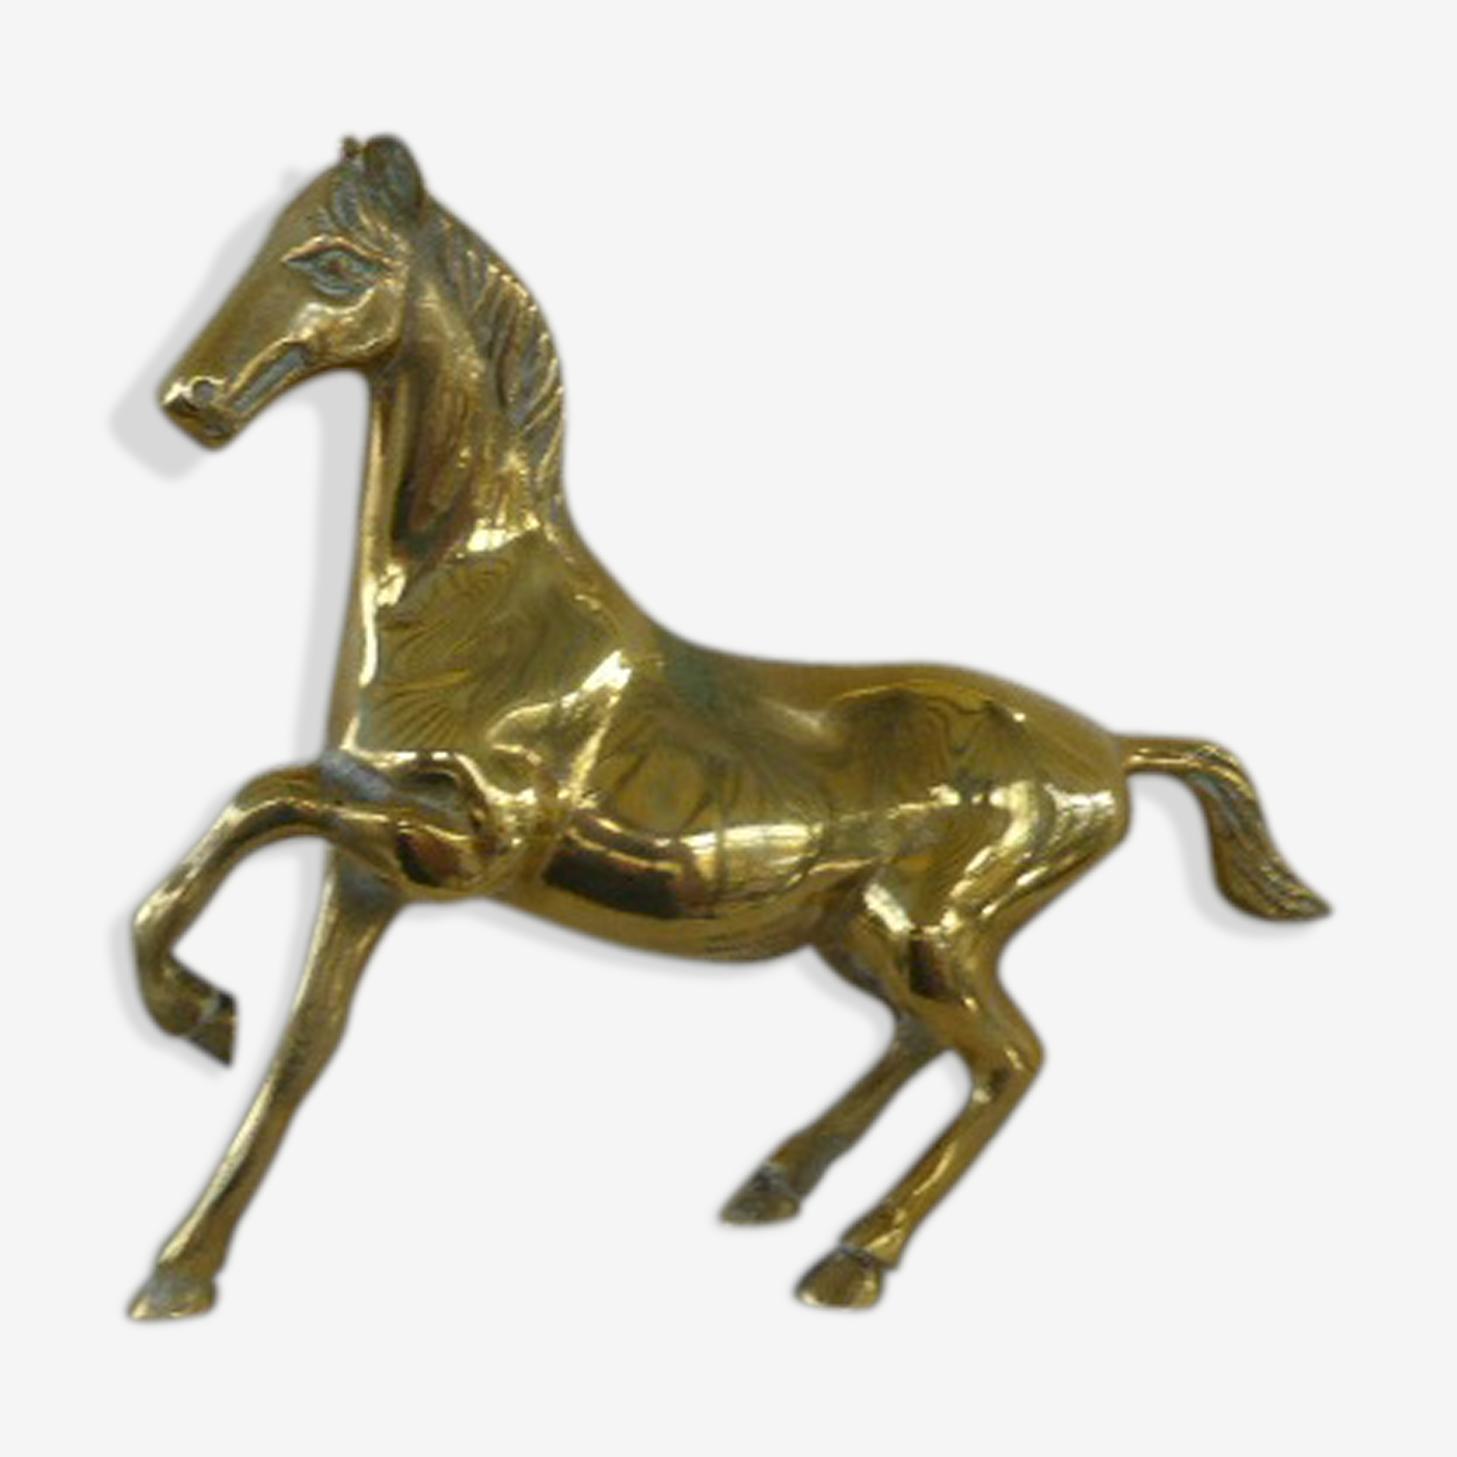 Statuette de cheval en laiton doré vintage 1970